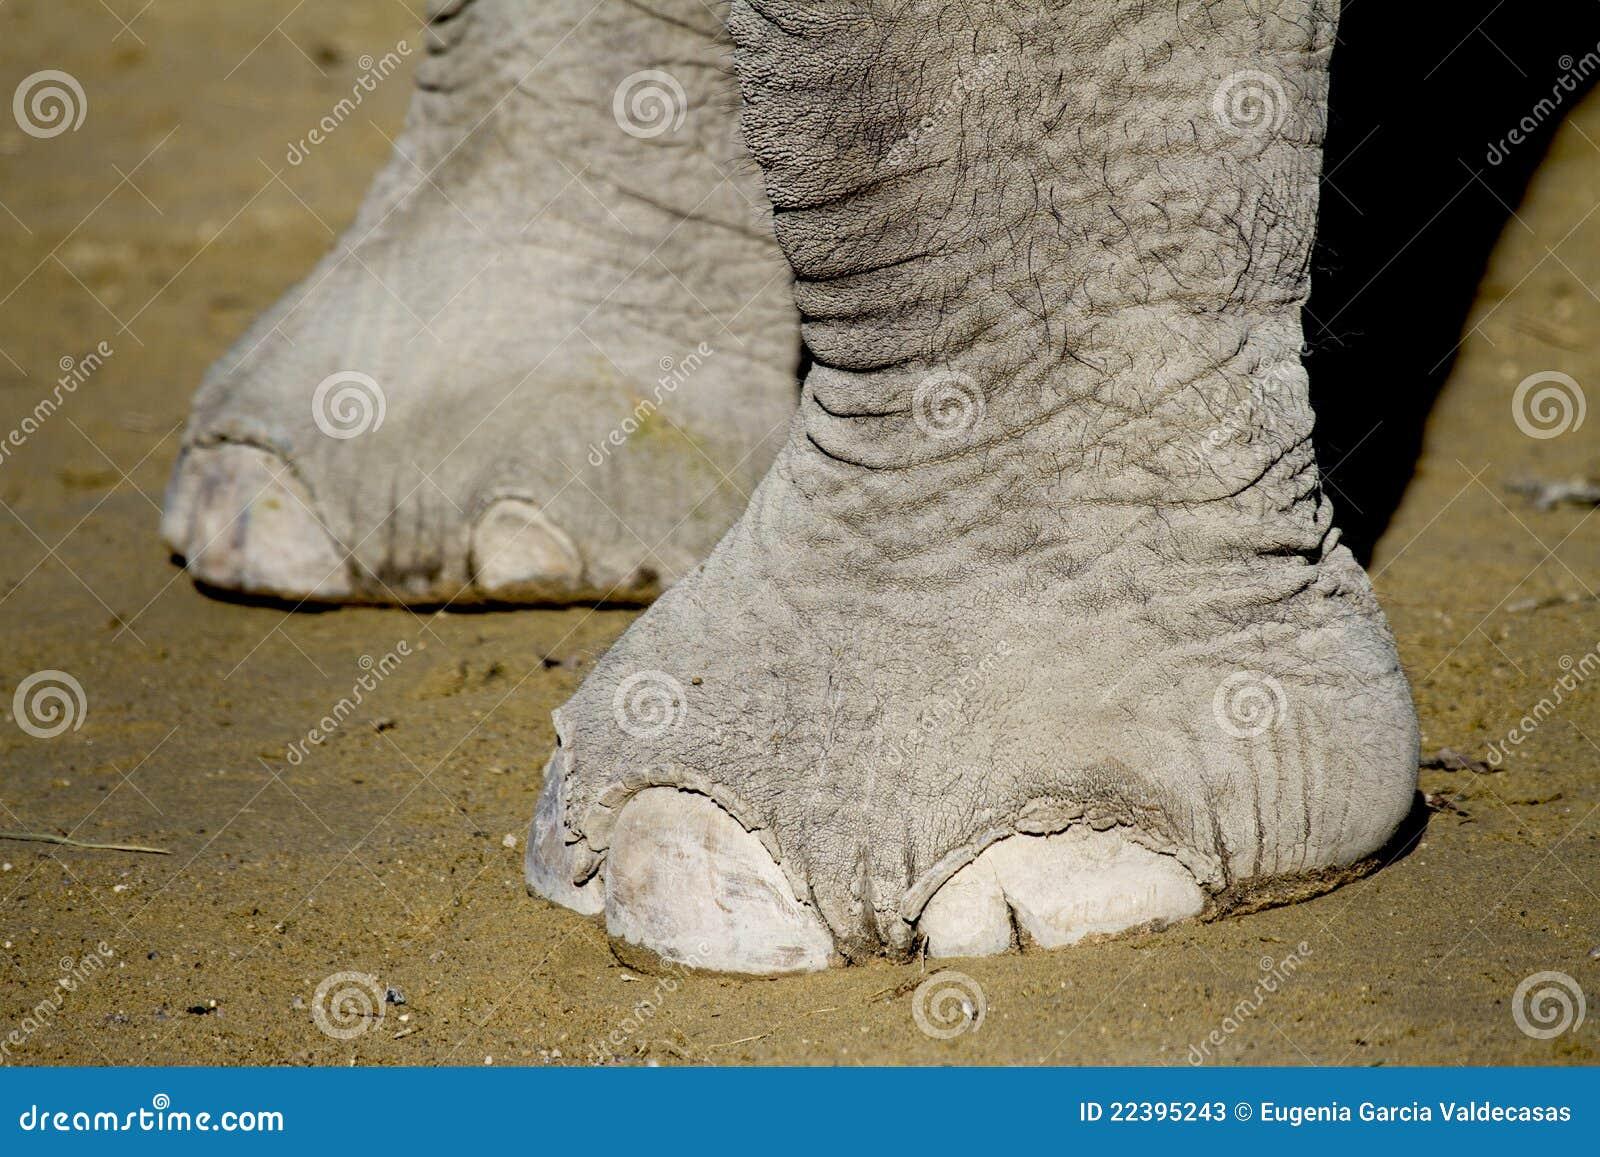 De voeten van de olifant